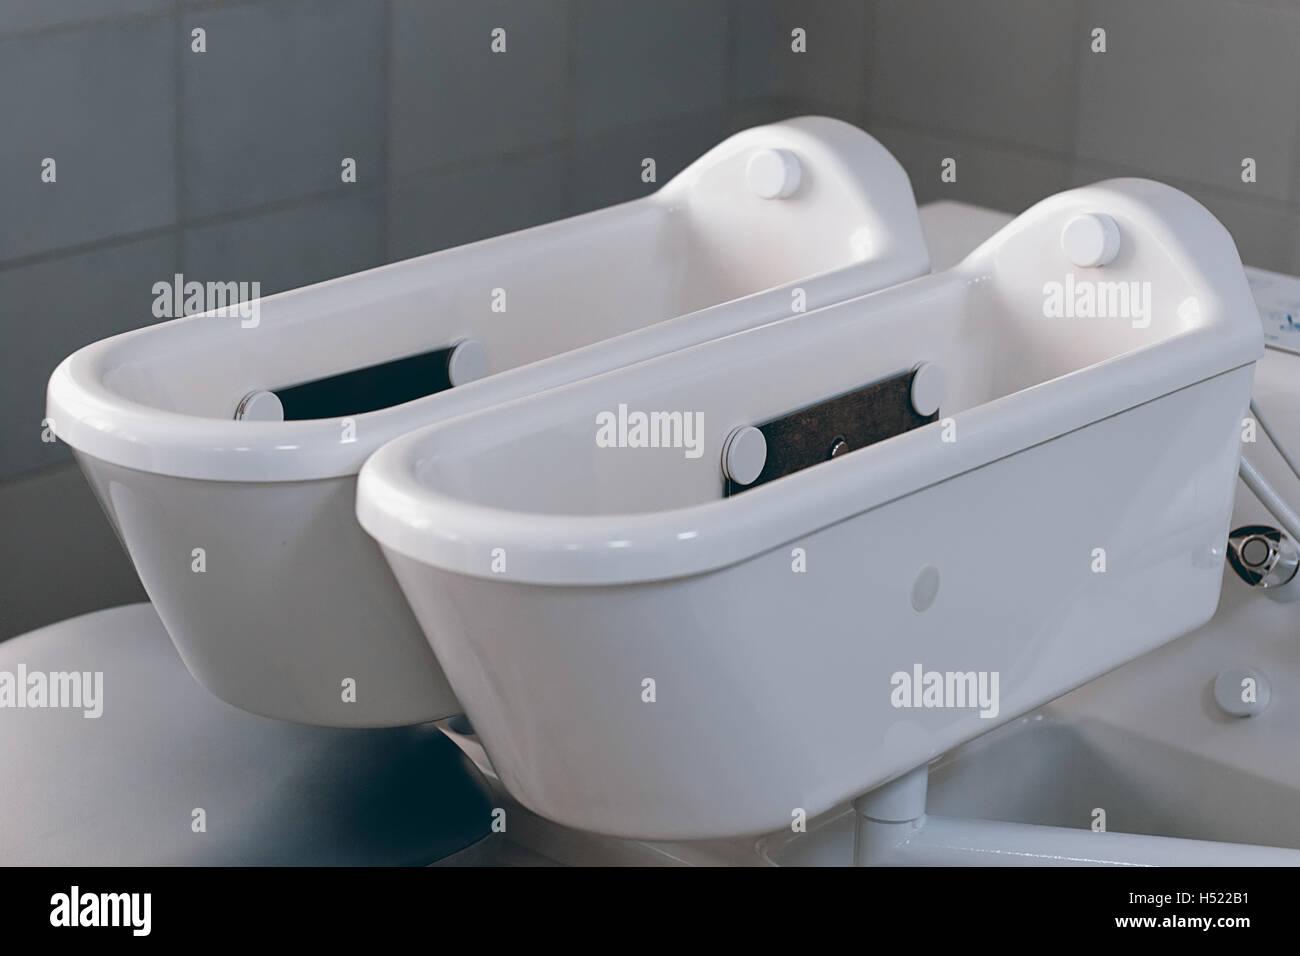 Vasca di terapia. Bagno galvanico vasca. Elettroterapia Foto ...